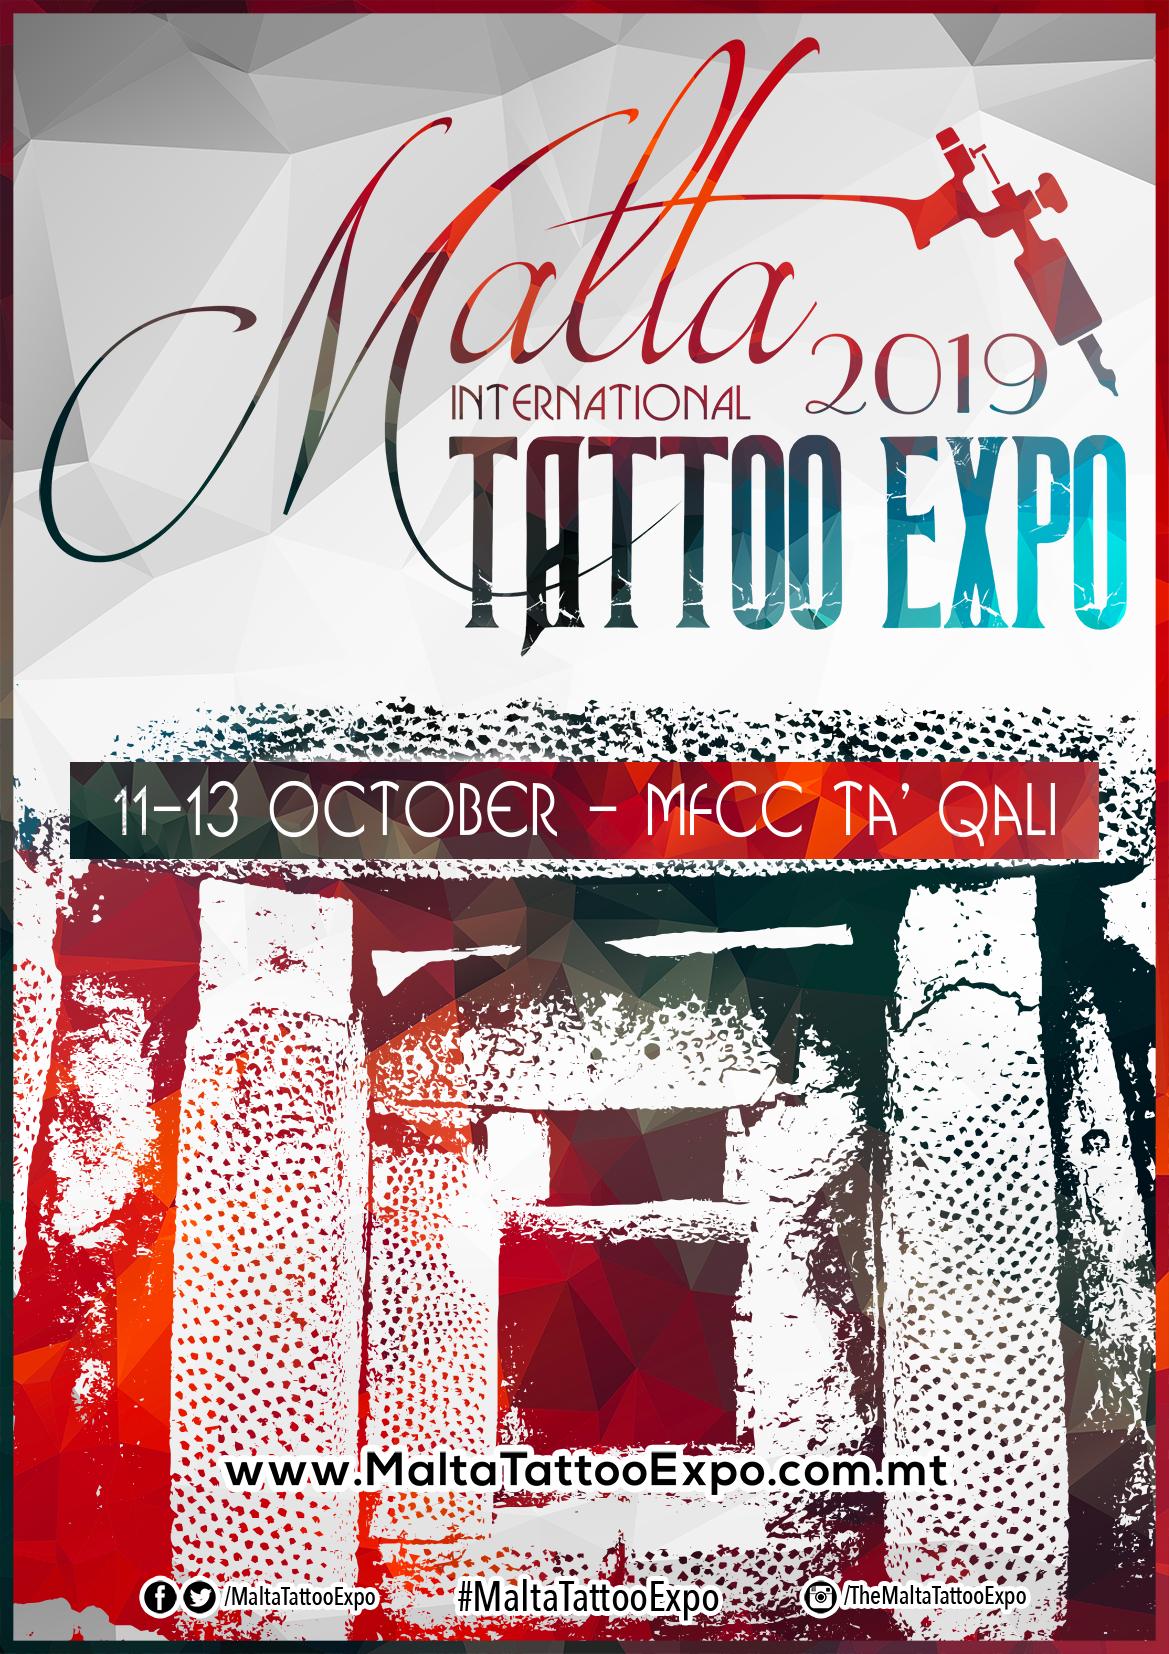 Malta Tattoo Expo 2019 flyer